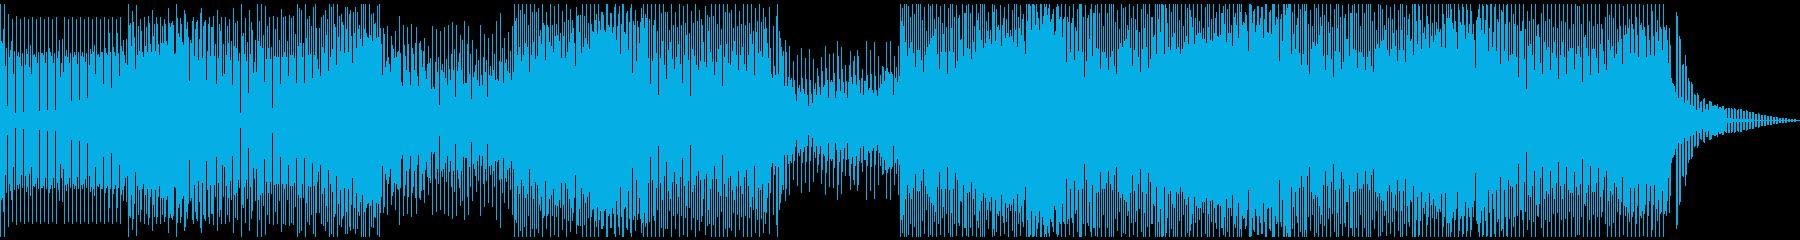 薄暗さをイメージしたディープハウスの再生済みの波形